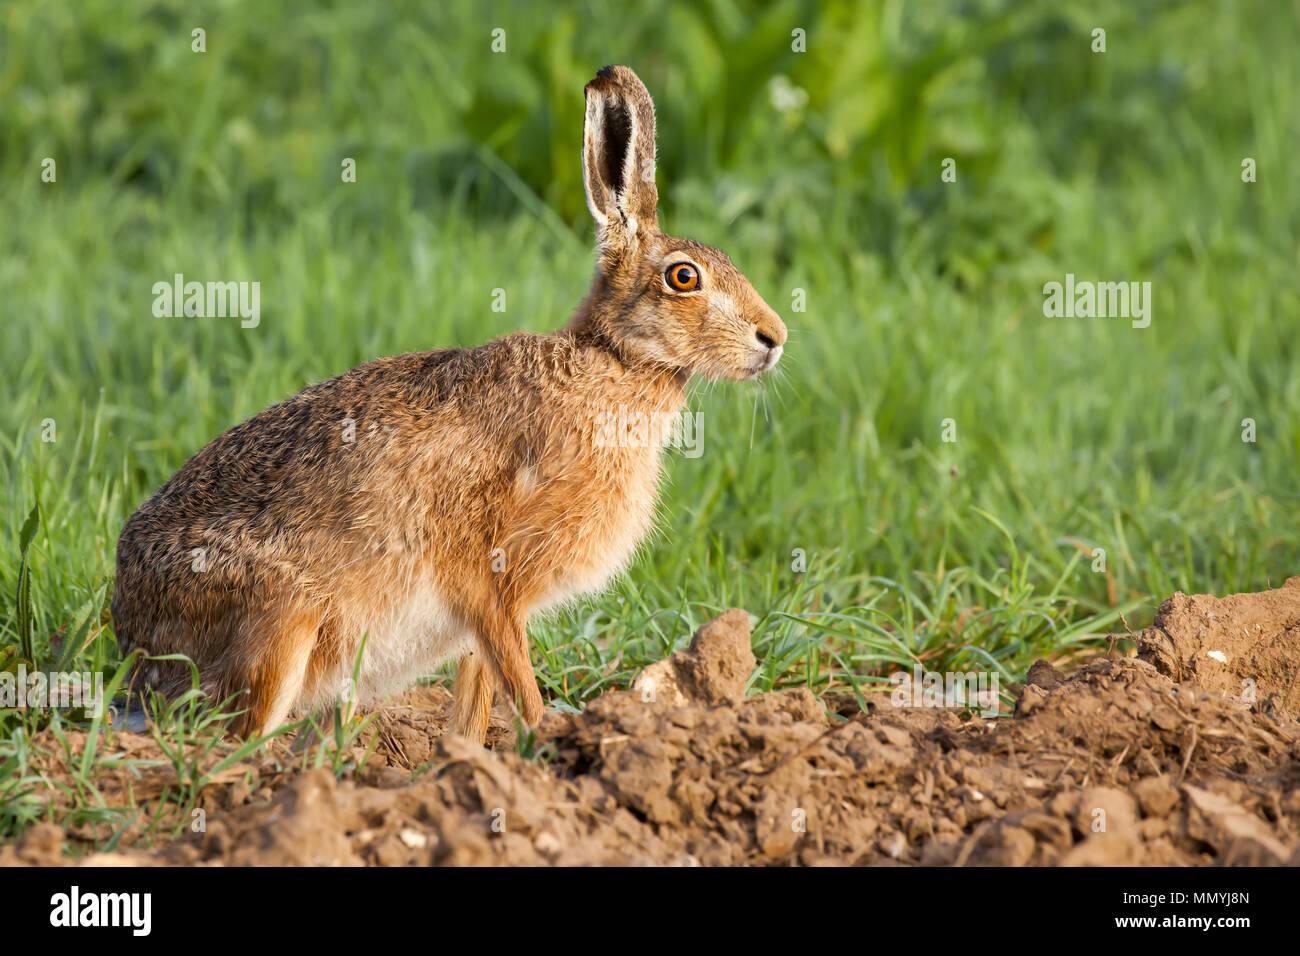 Wild hare ritratto da vicino. Animale in bilico sul bordo di un campo di coltivazione fissando con la sua brillante giallo ambra occhi di grandi dimensioni Immagini Stock